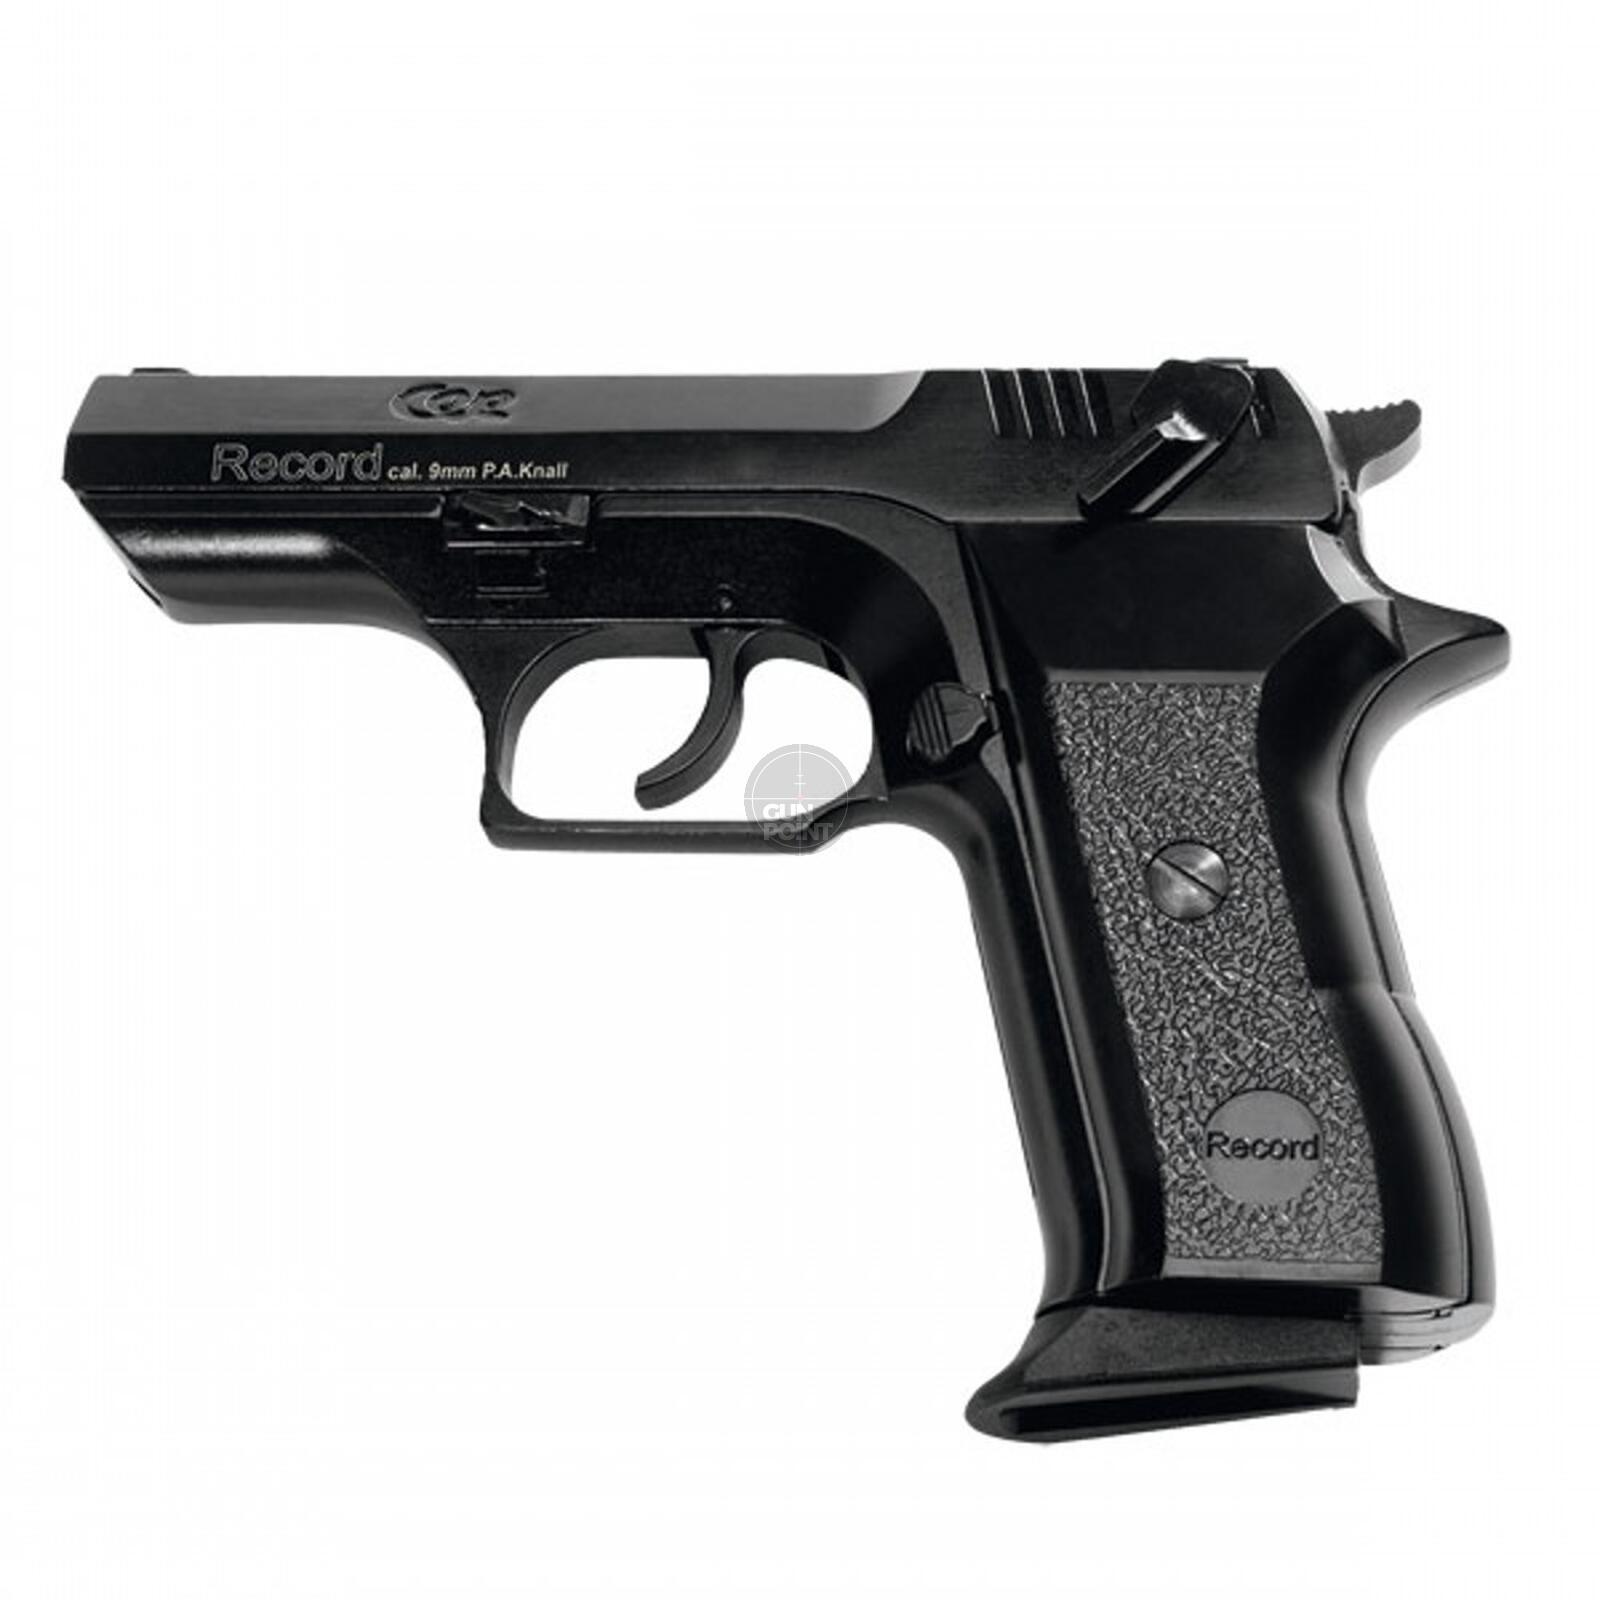 Schreckschuss Gas Signal Pistole Record Modell Cop Br 9 Mm